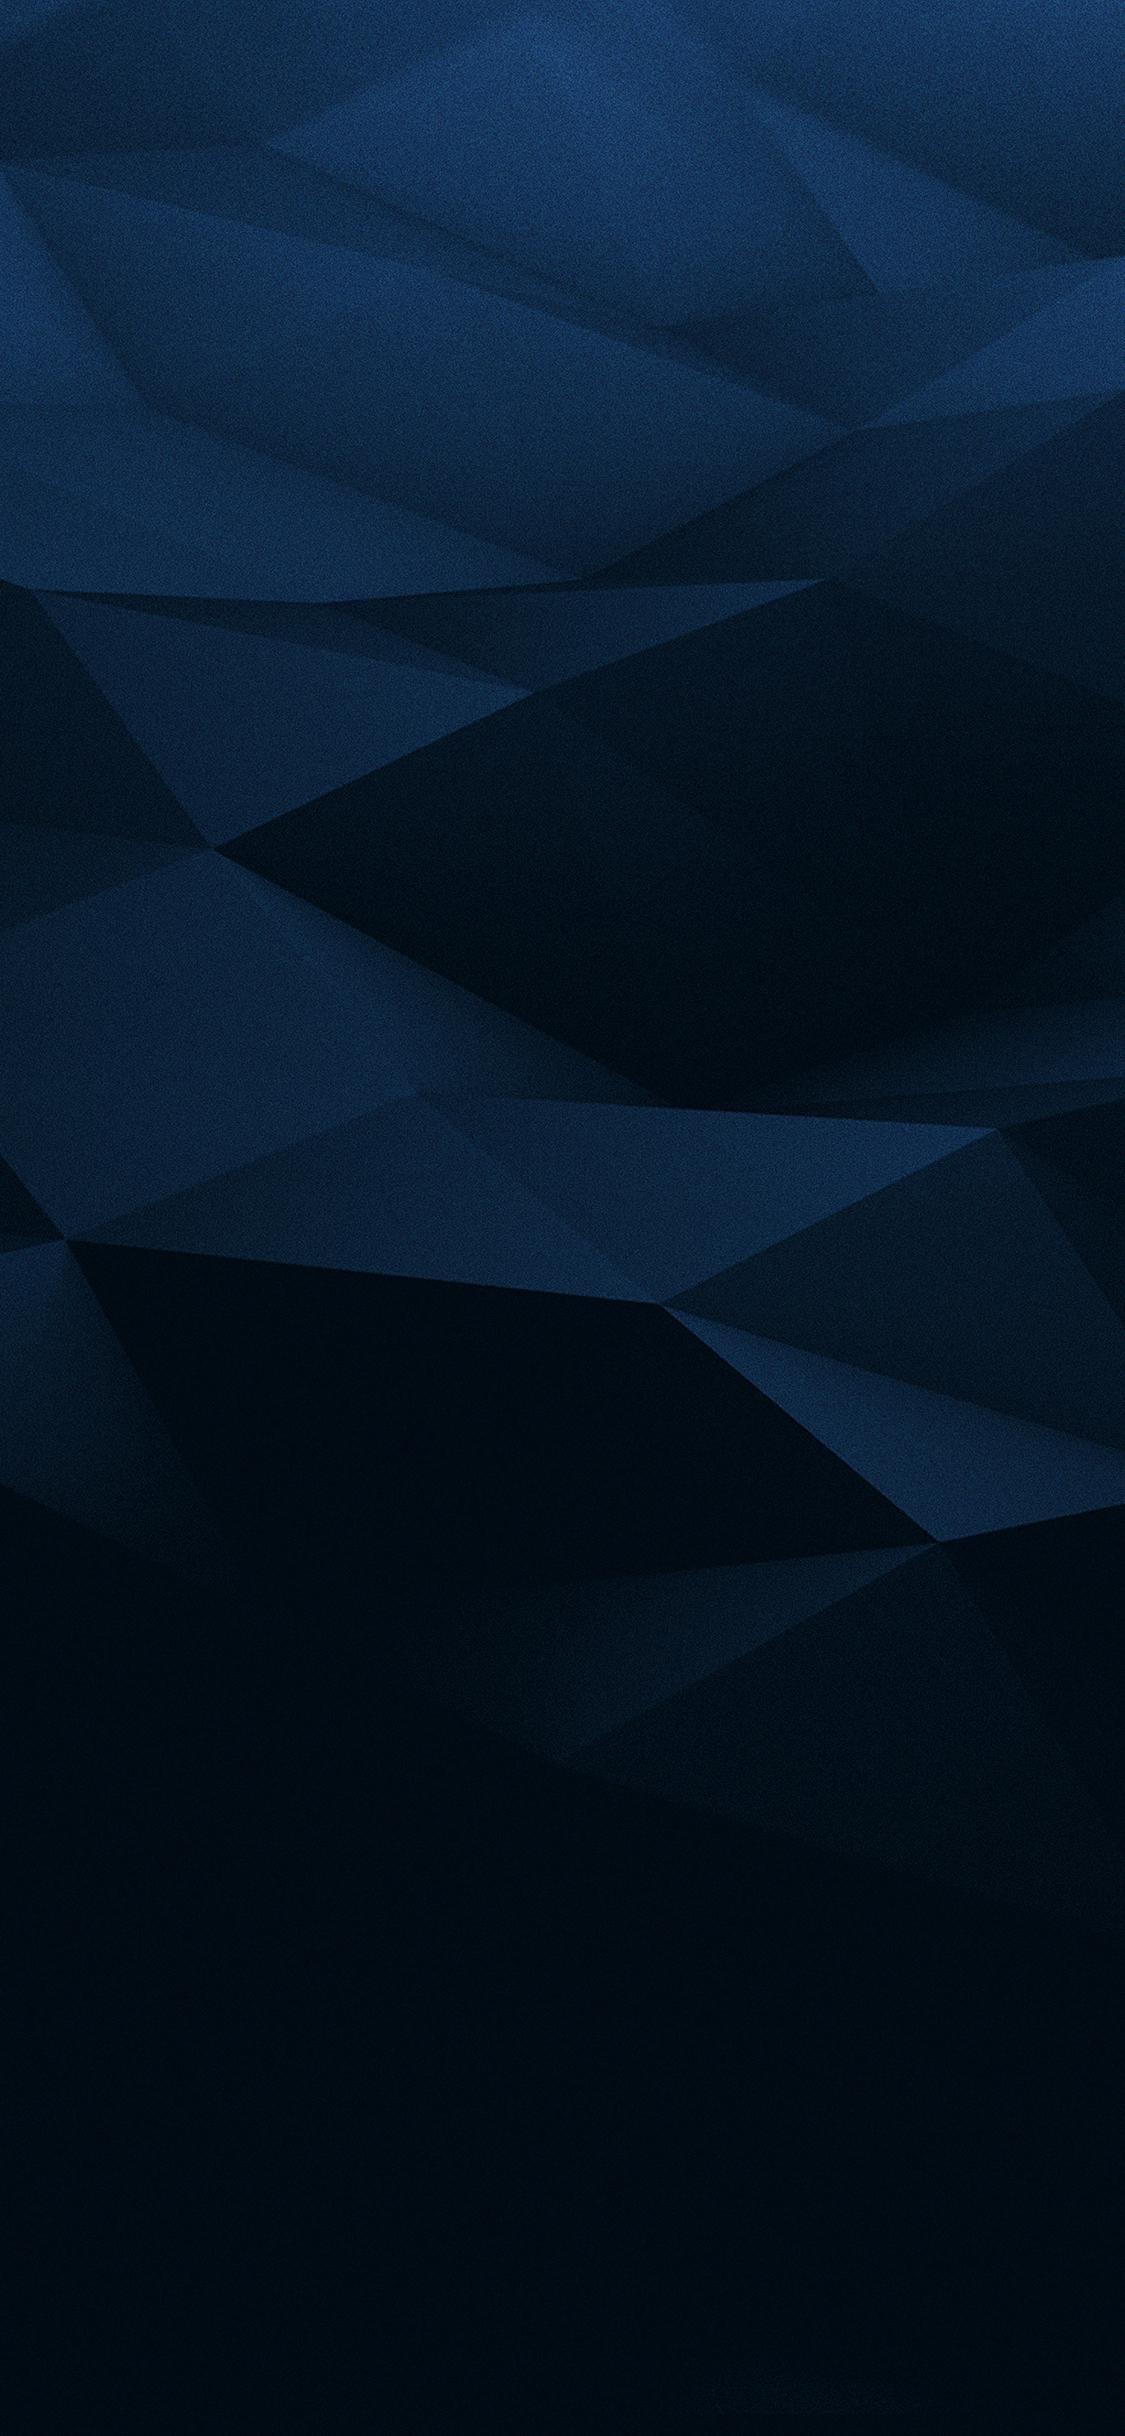 Vd78 Noir Blue By Boris P Borisov Dark Pattern Art Wallpaper